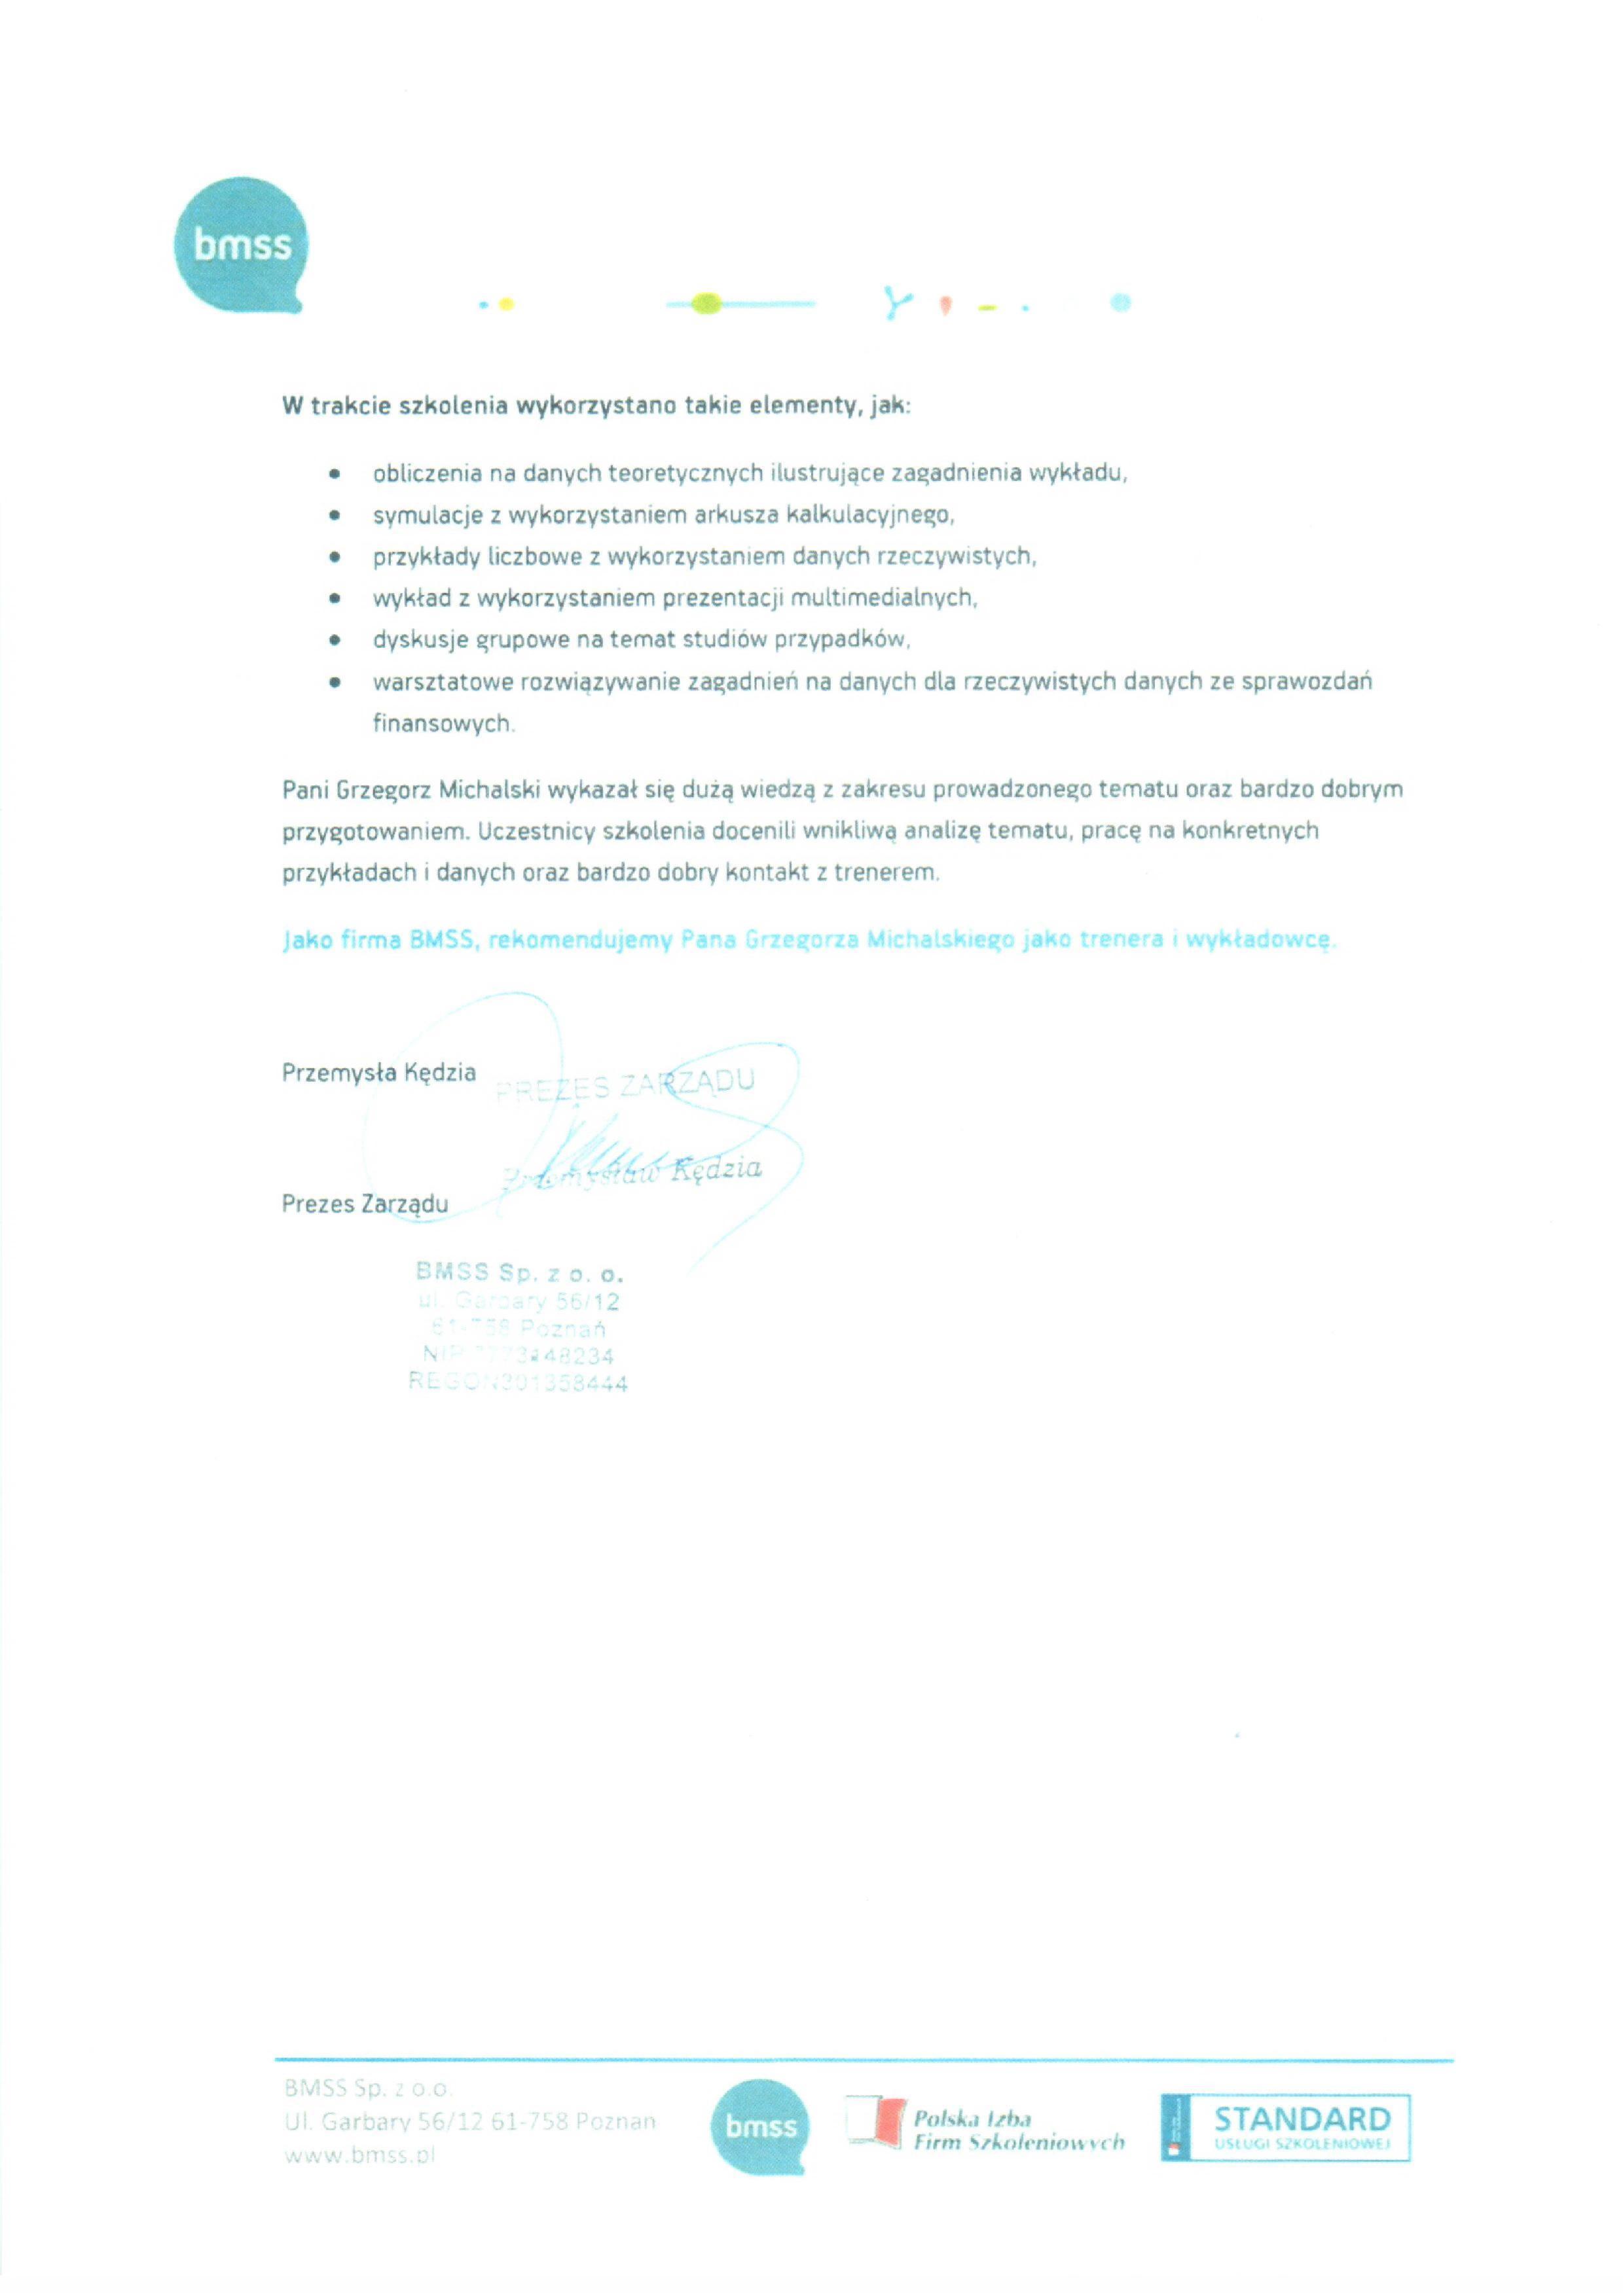 Referencje-michalski-grzegorz-Analiza-Finansowa-AFXII2013PoznanBMSS-2.jpg?=szkolenia